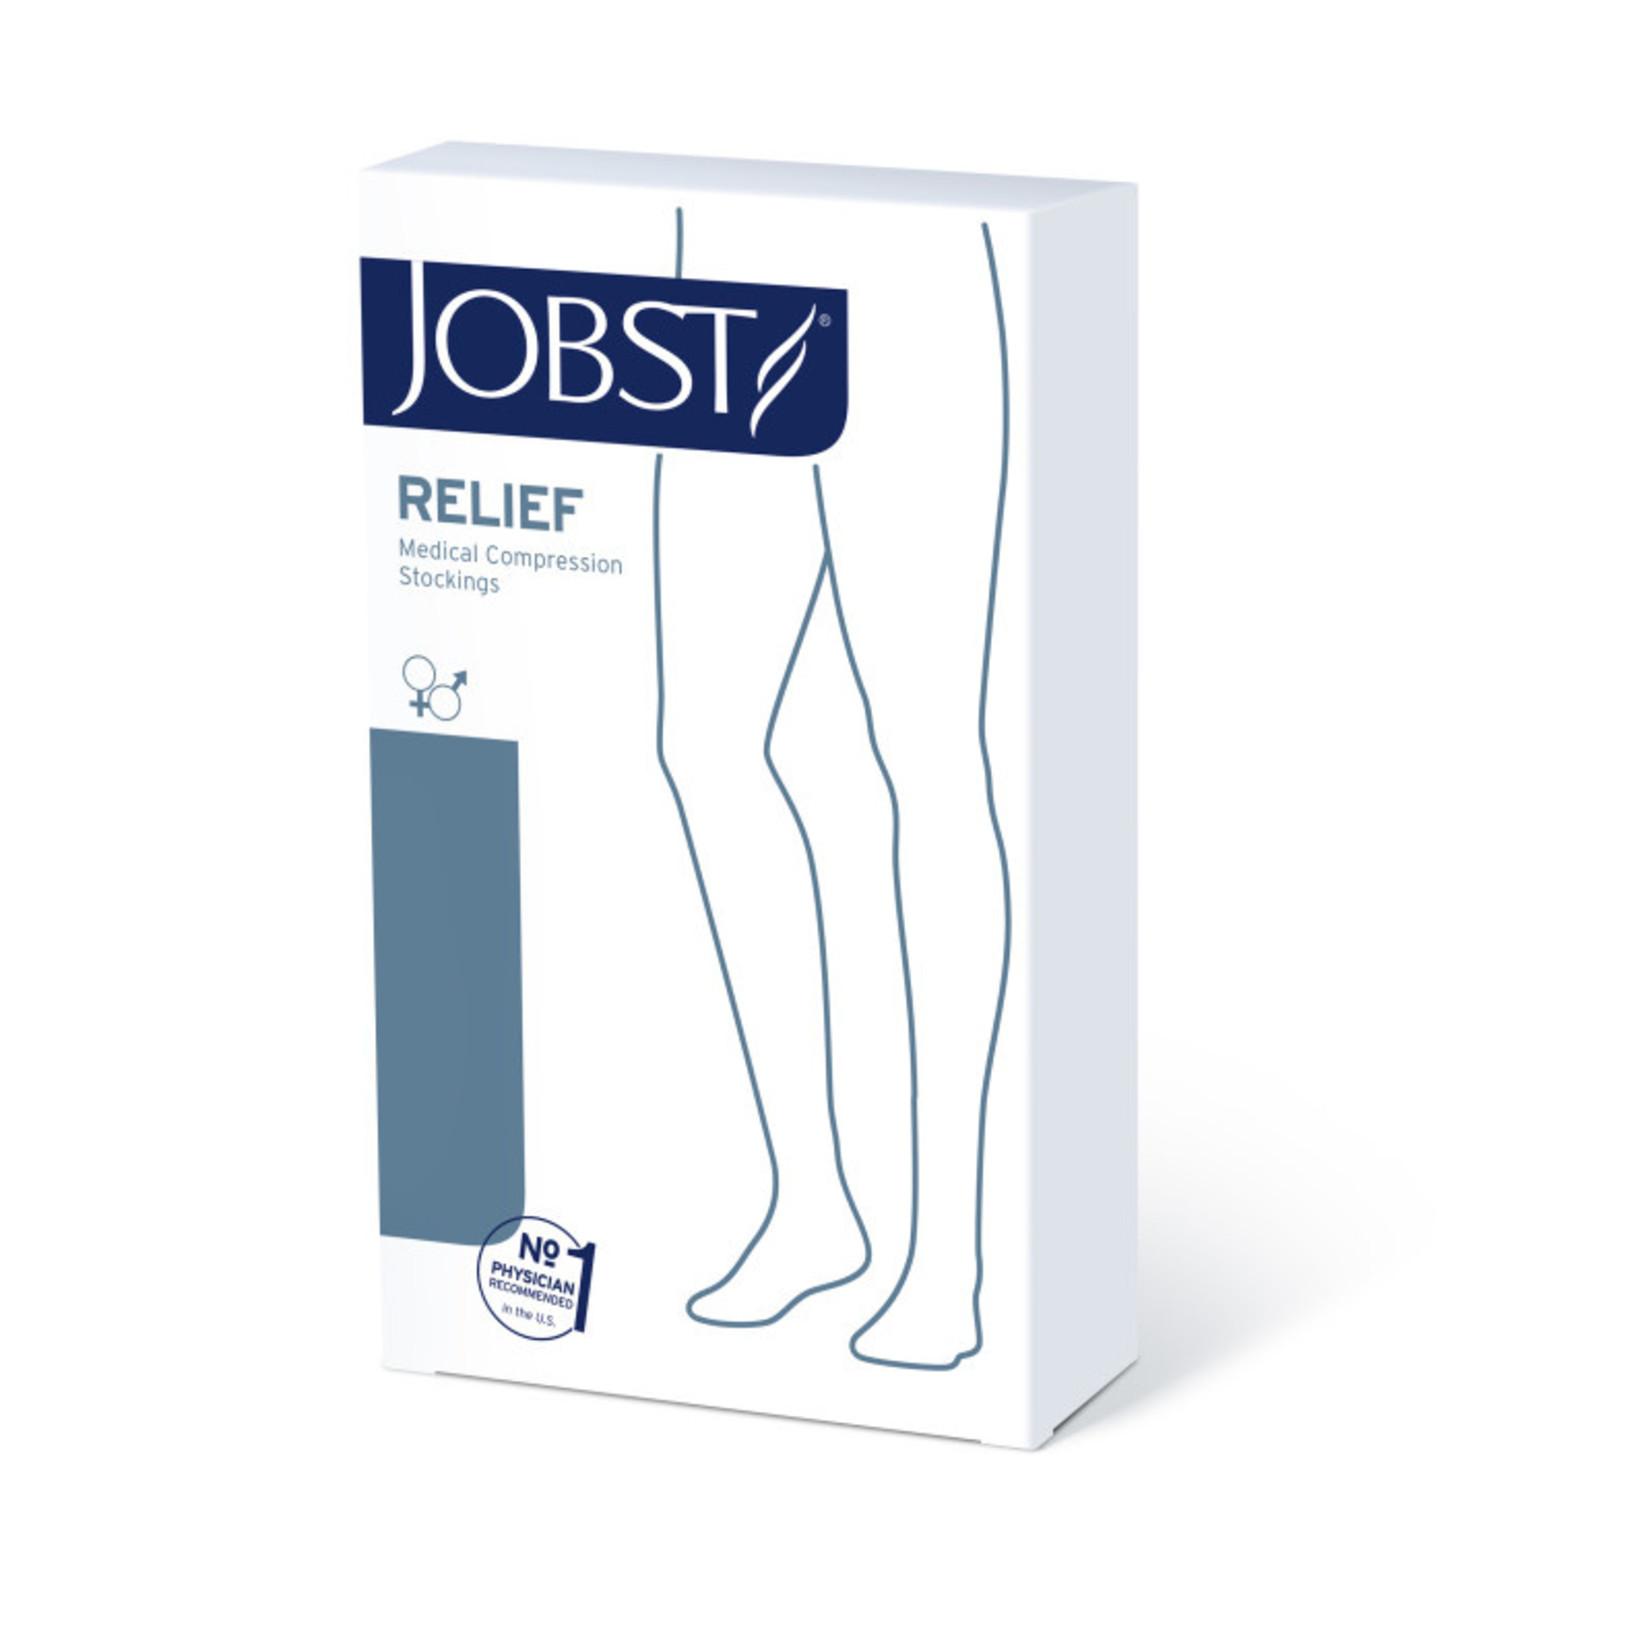 JOBST JOBST Relief Right Leg Chap, 20-30 mmHg Open